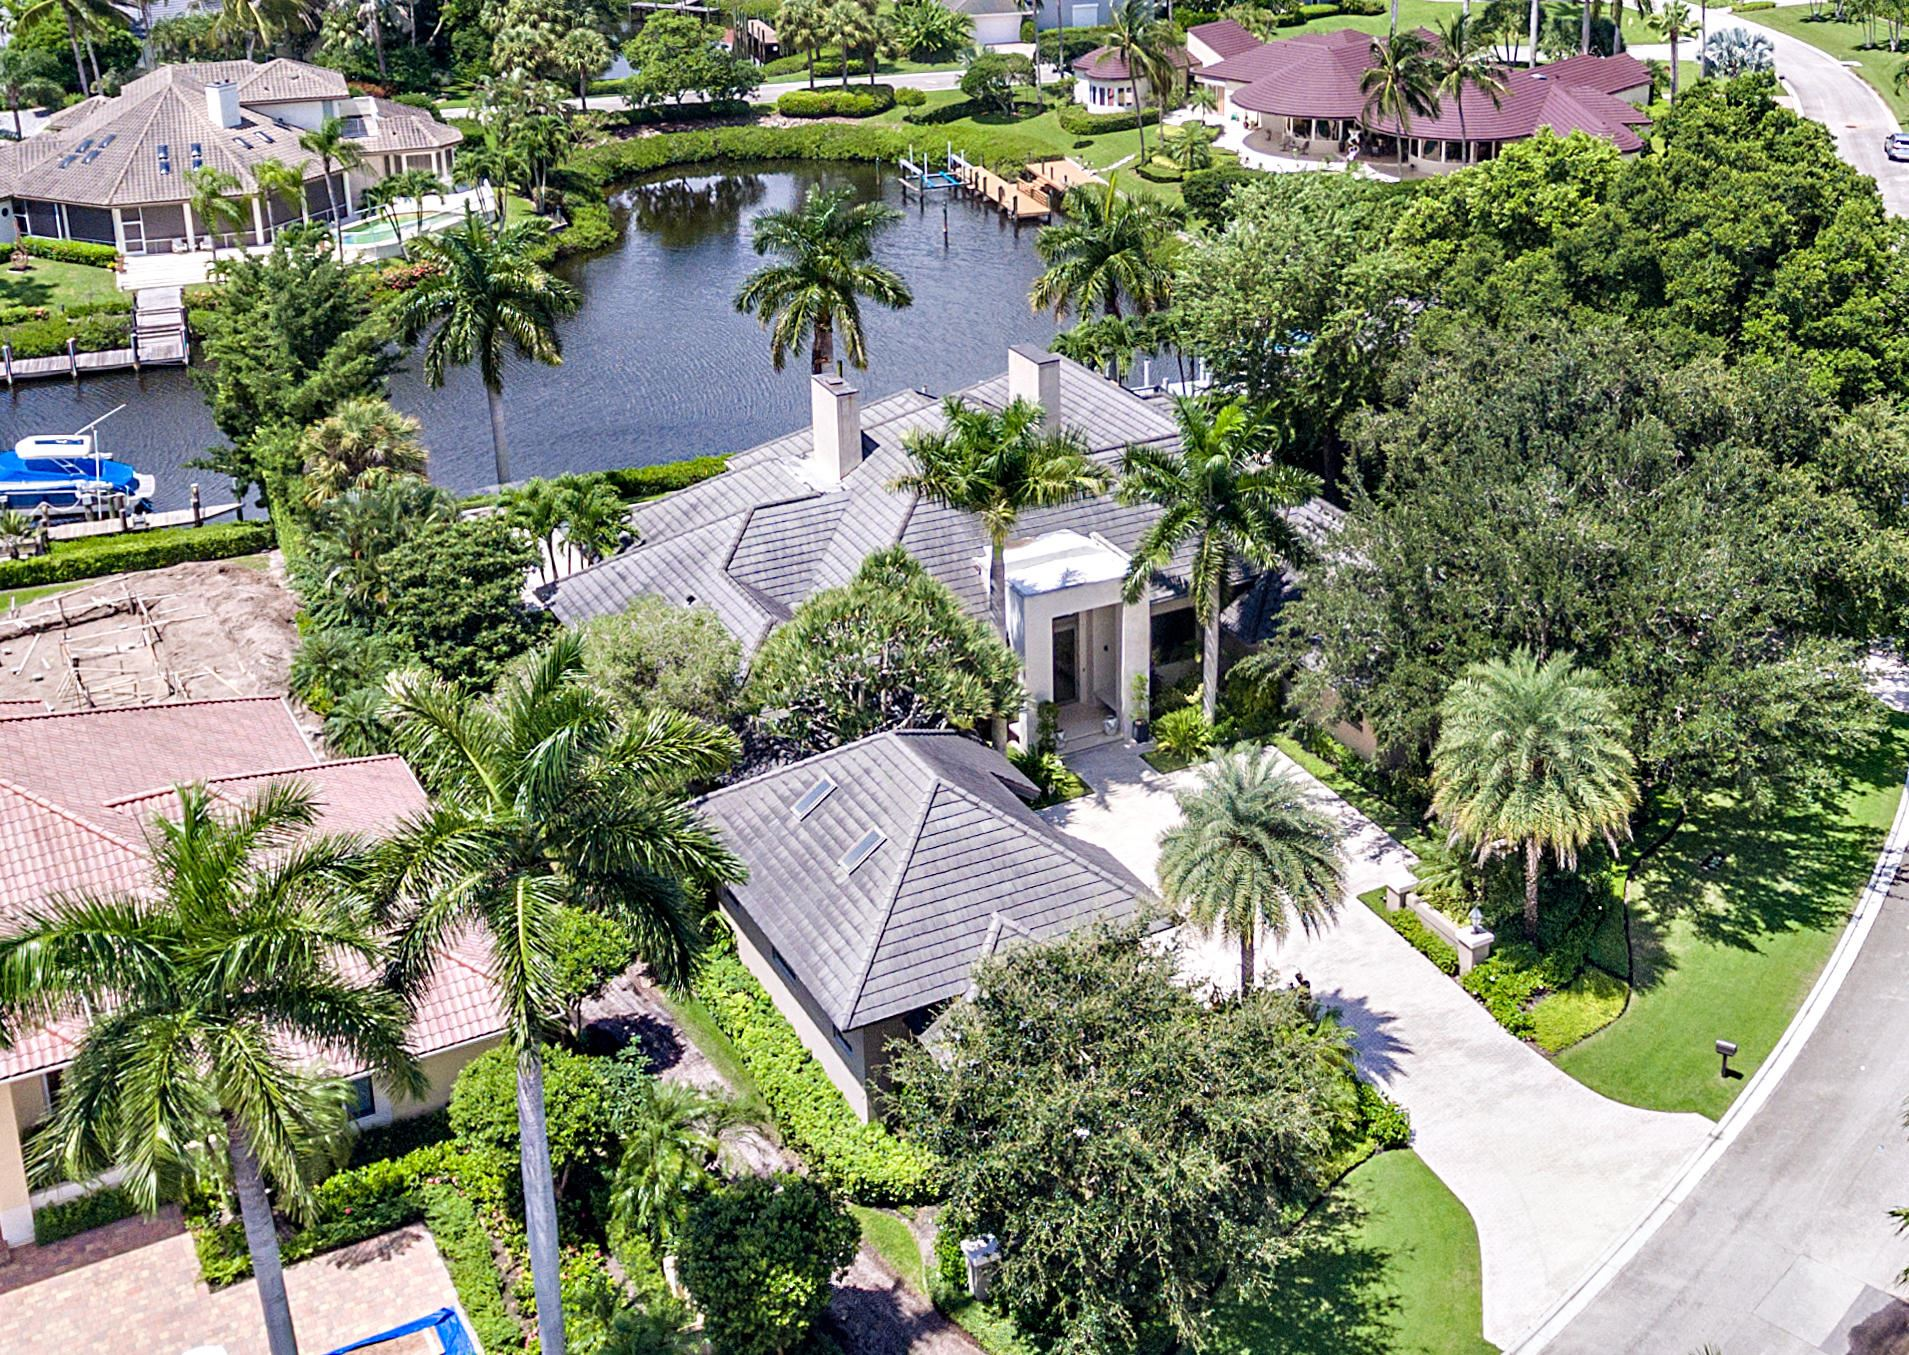 Photo of 2940 Le Bateau Drive, Palm Beach Gardens, FL 33410 (MLS # RX-10559893)